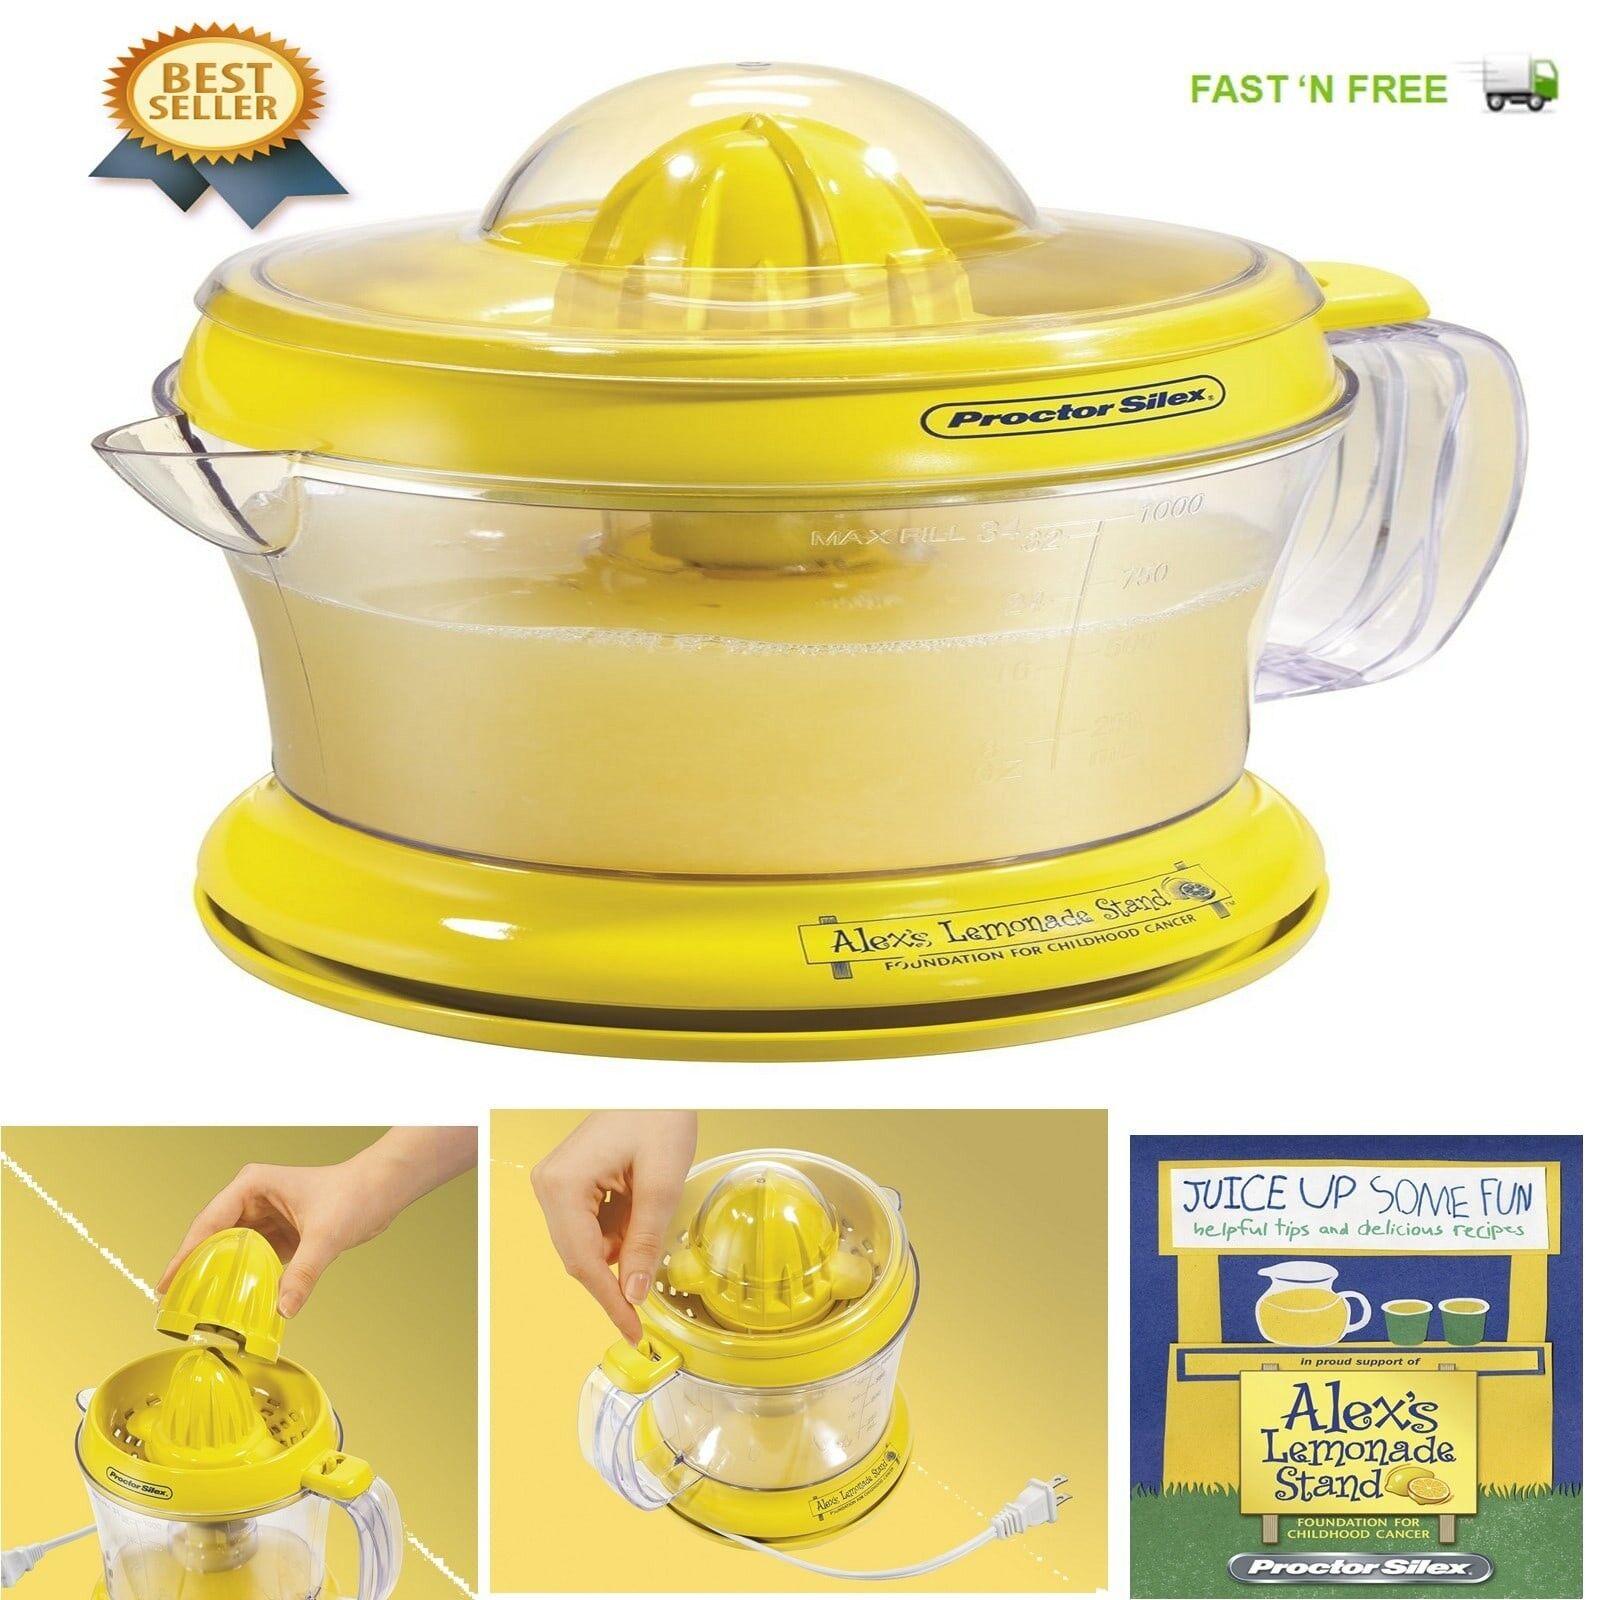 Proctor Silex 66331 Citrus Juicer